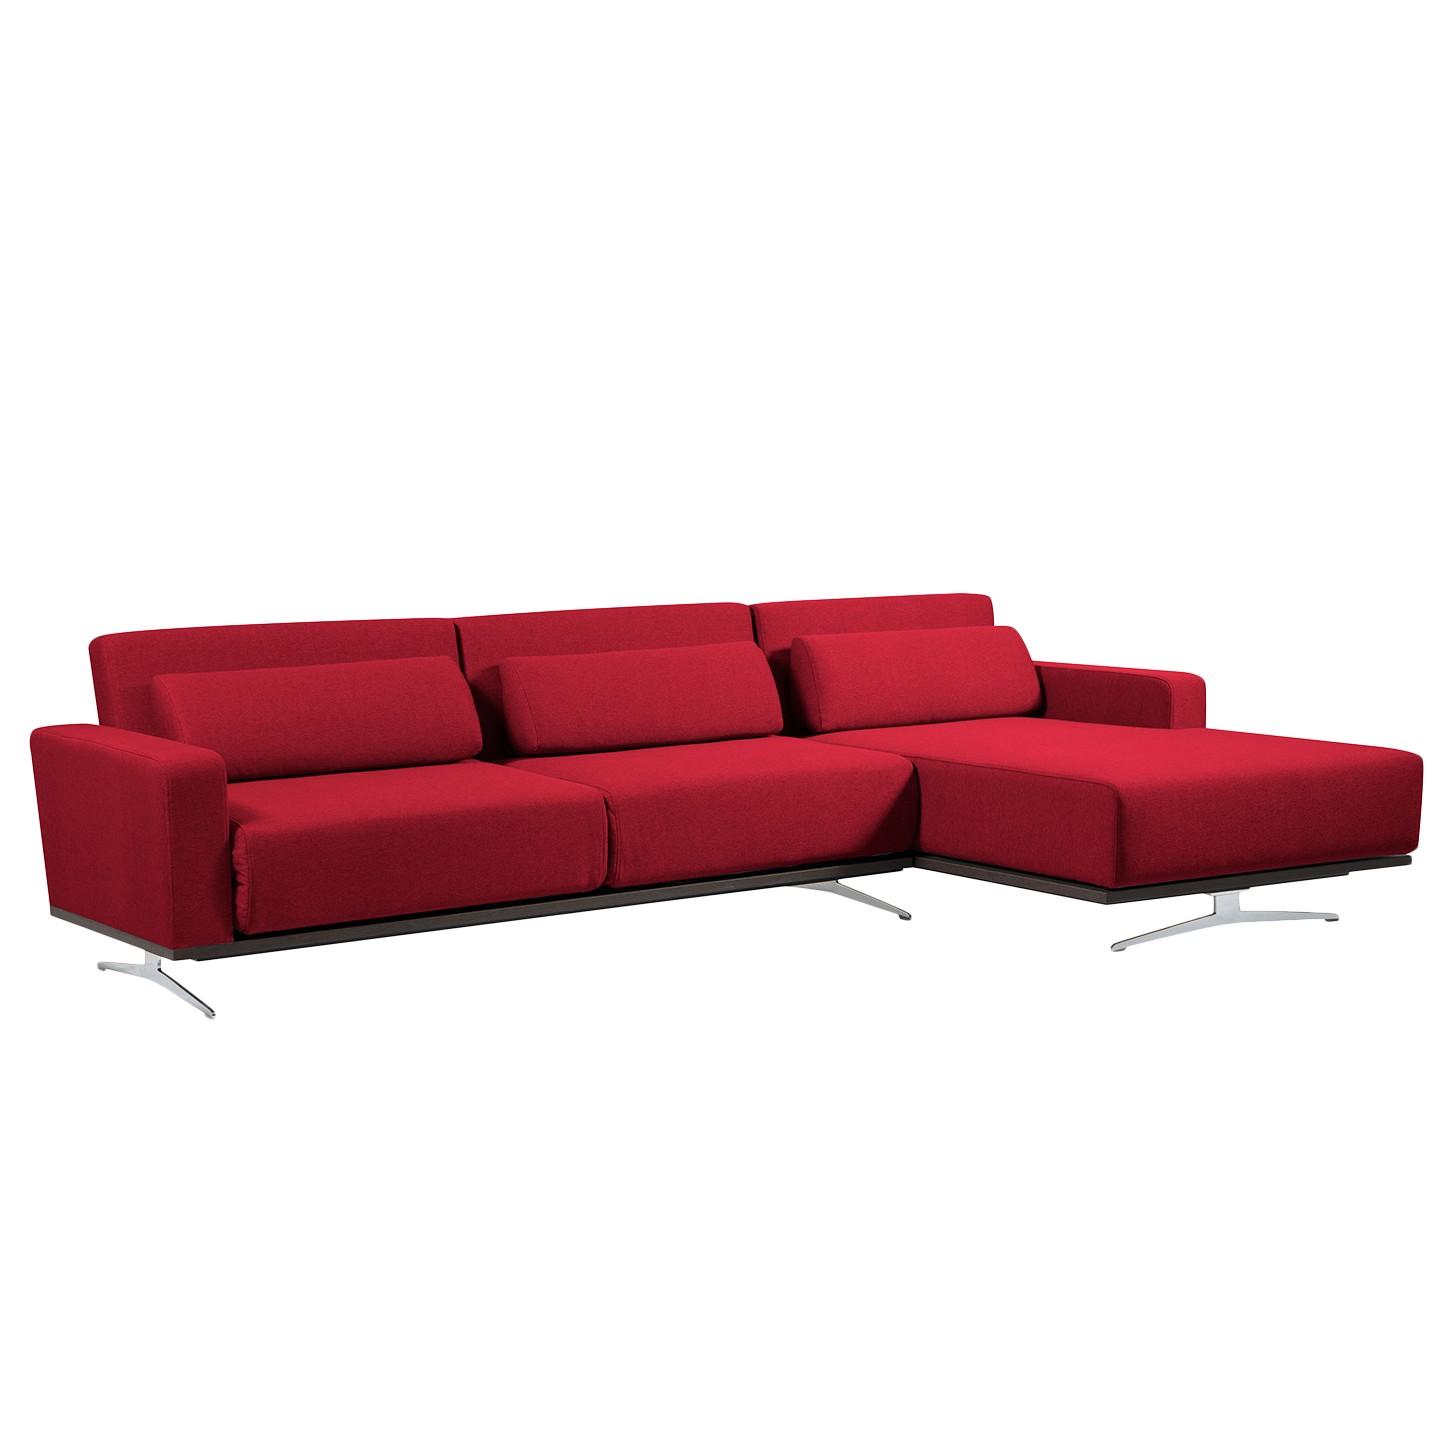 Ecksofa Copperfield I (mit Schlaffunktion) - Webstoff - Longchair/Ottomane davorstehend rechts - Stoff Zahira Rot